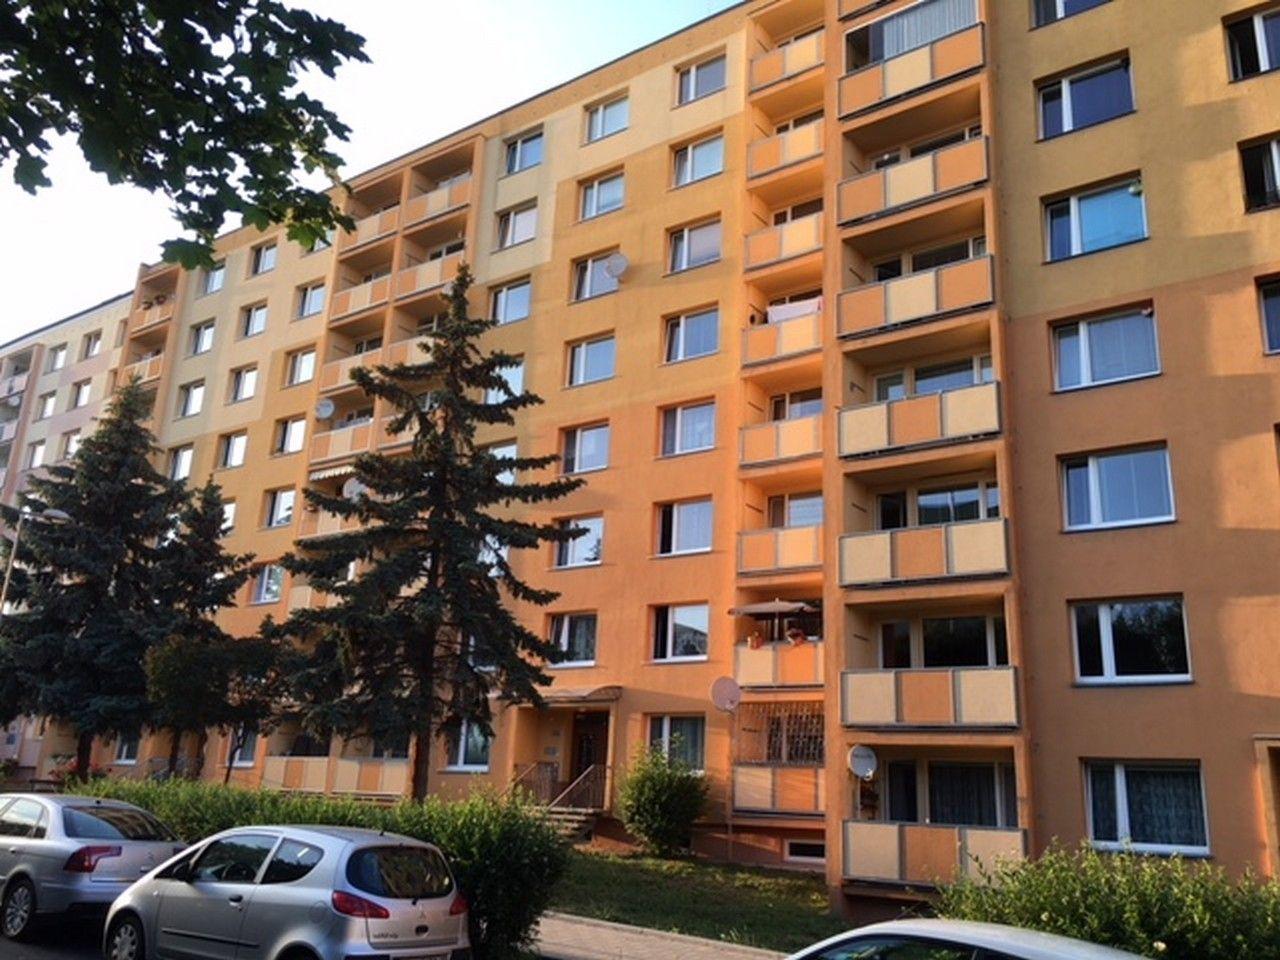 купить квартиру в чехии теплице